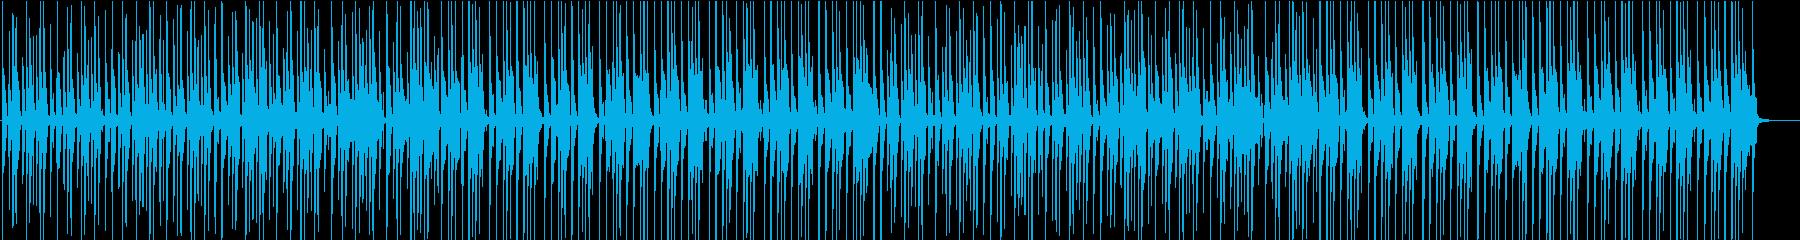 ショッピング・シンプルな8ビートの再生済みの波形